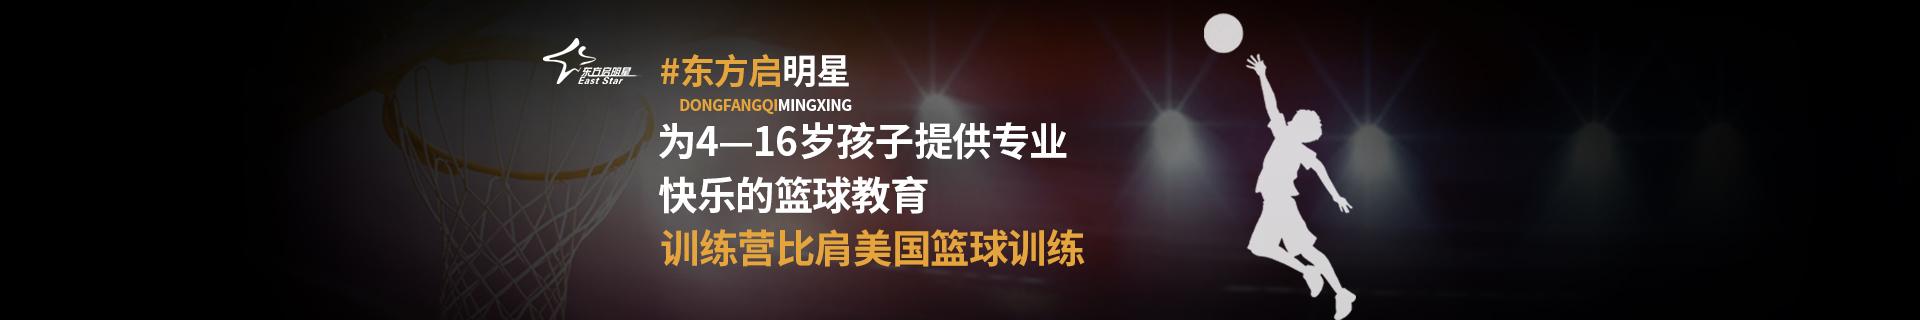 深圳罗湖区东方启明星钻石广场校区